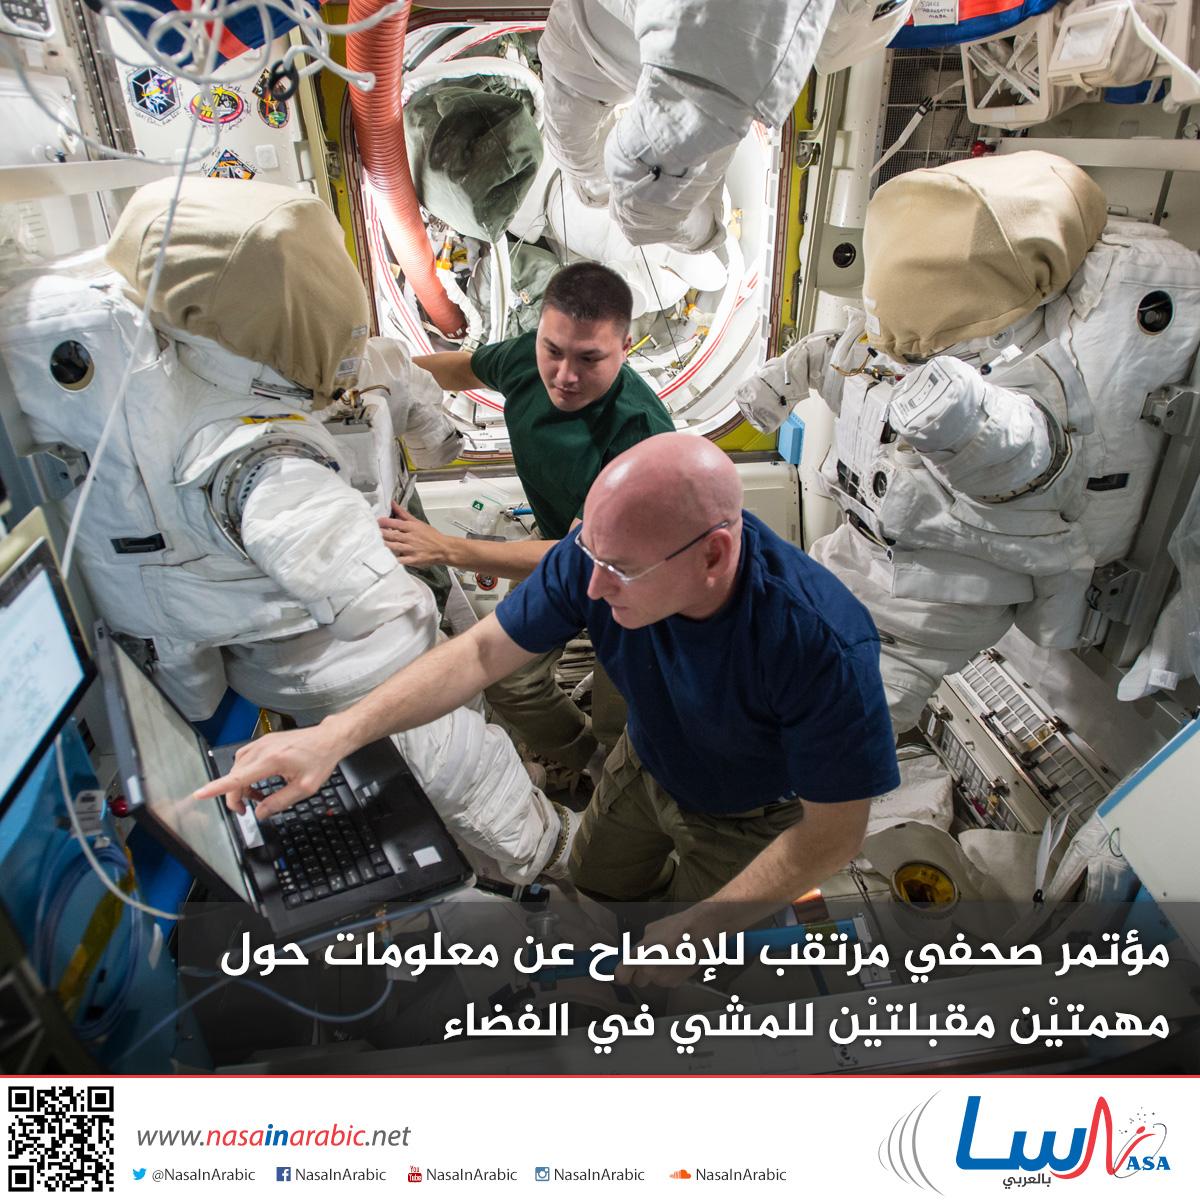 مؤتمر صحفي مرتقب للإفصاح عن معلومات حول مهمتين مقبلتين للمشي في الفضاء